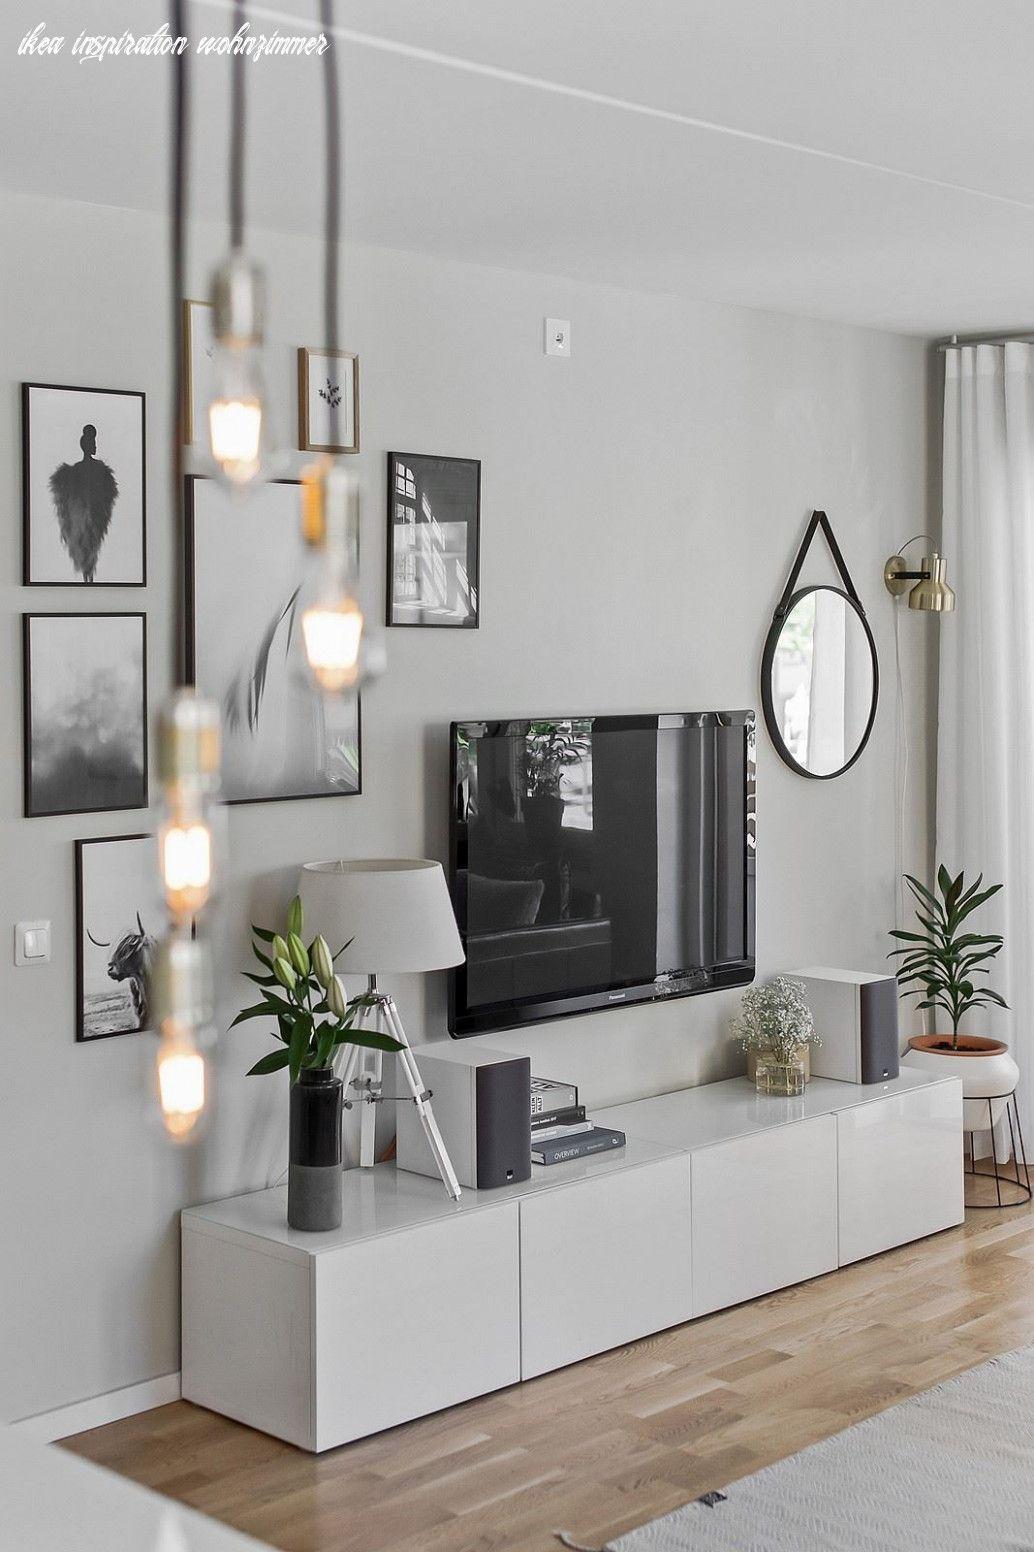 Die 7 Geheimnisse, Die Sie über Ikea Inspiration Wohnzimmer Nicht